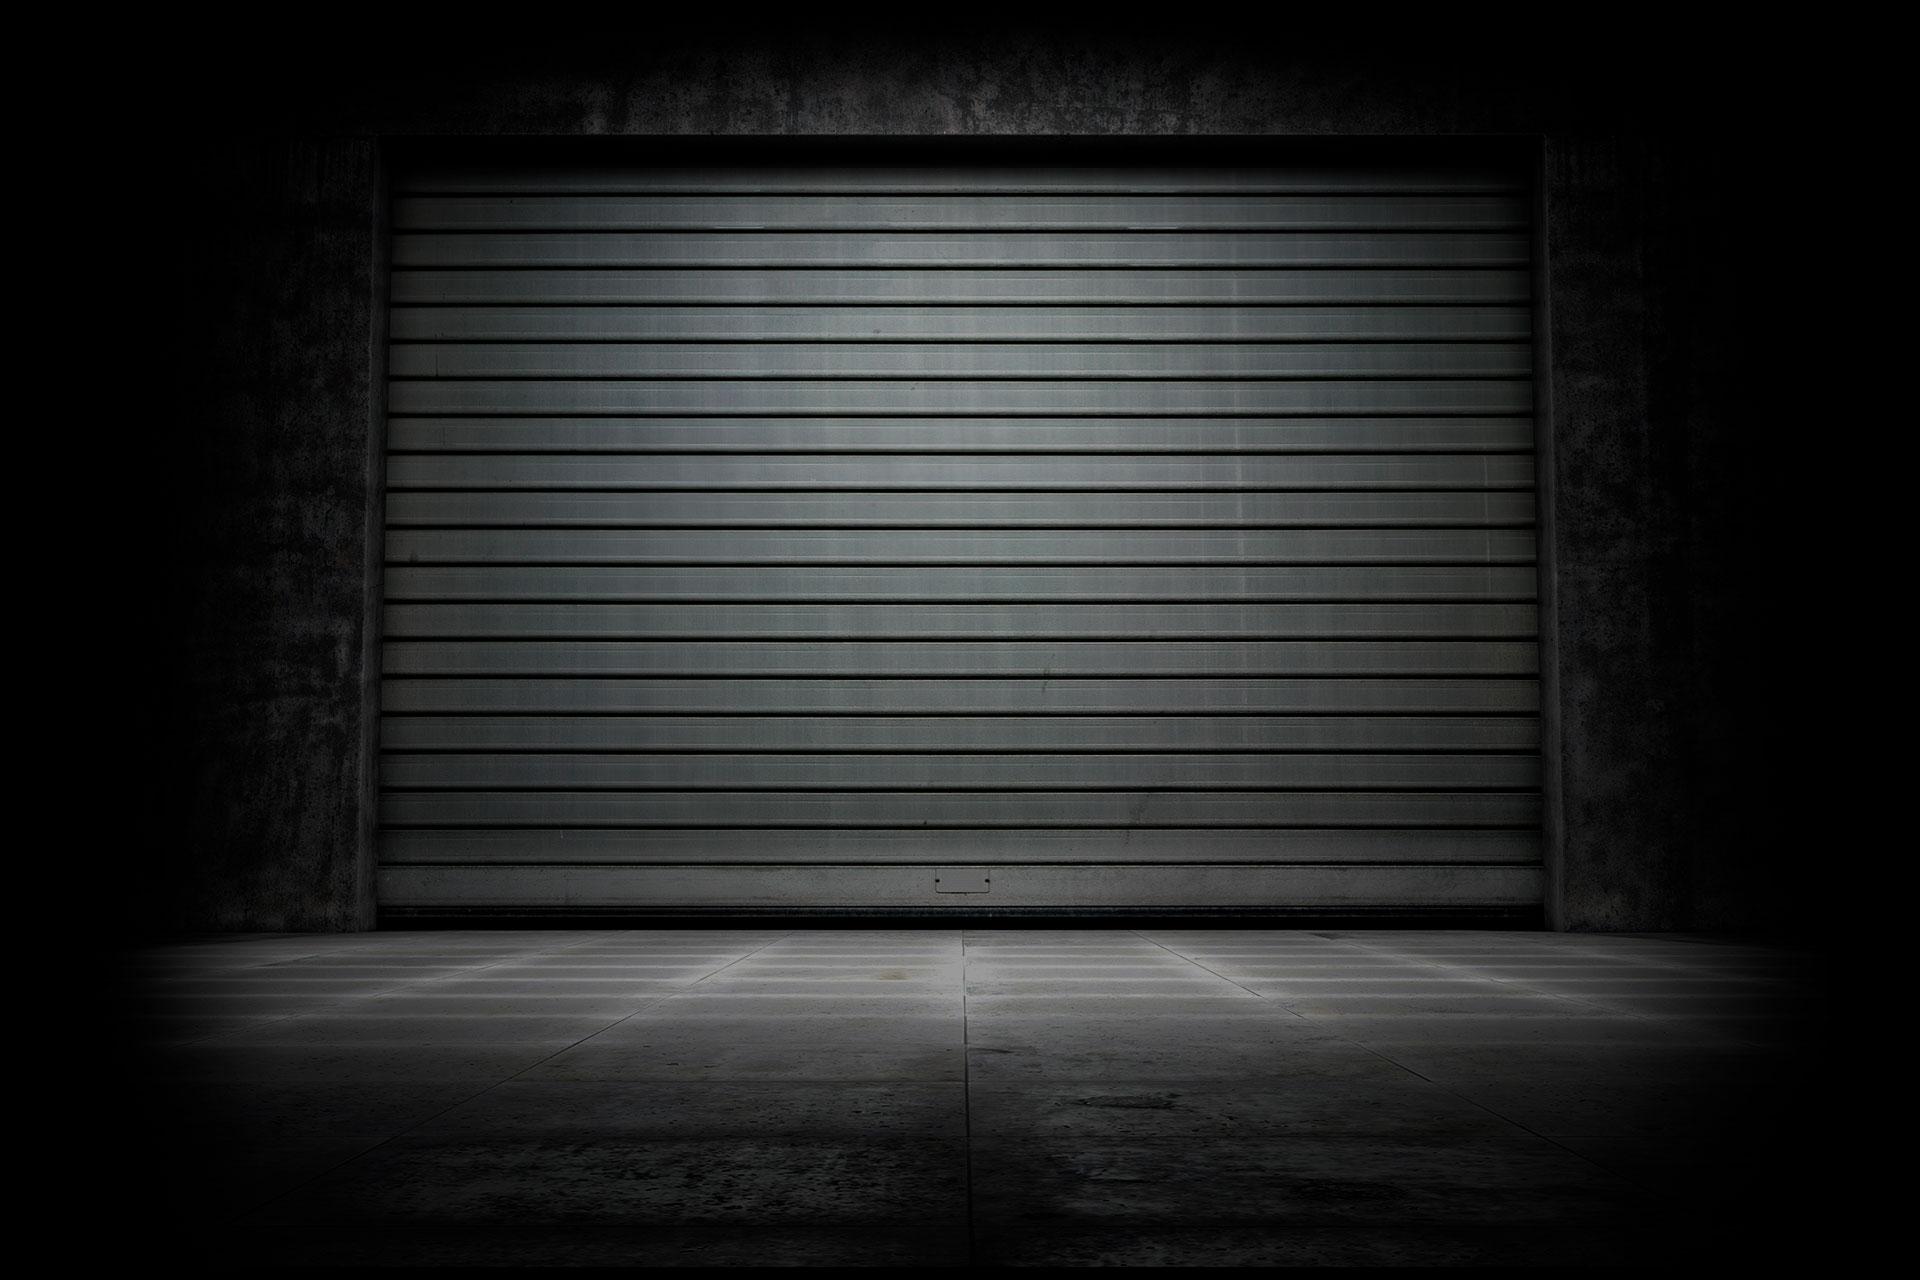 Garasjen